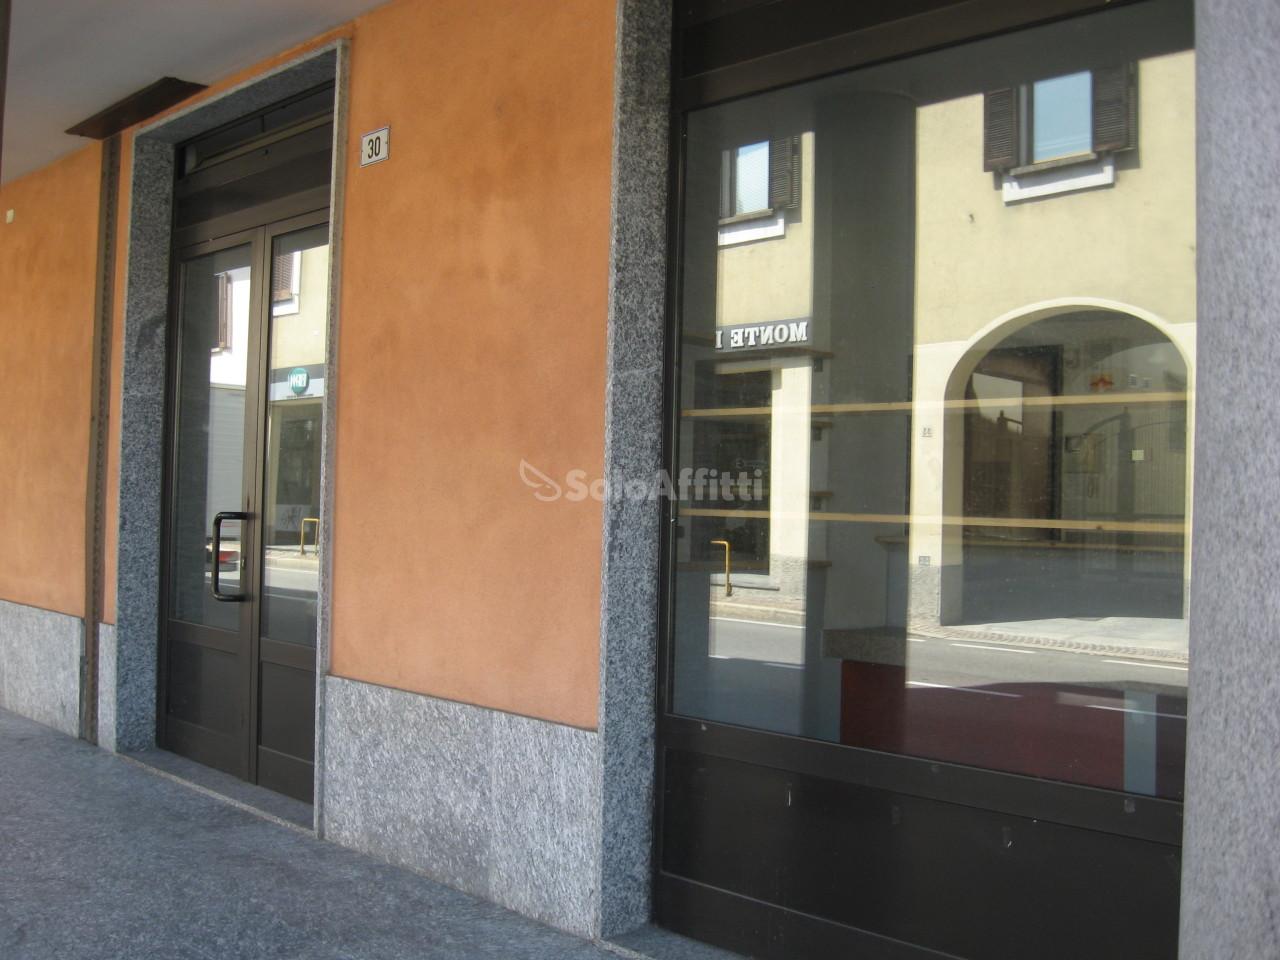 Fondo/negozio - 2 vetrine/luci a Centro Storico, Cassina de' Pecchi Rif. 6326140